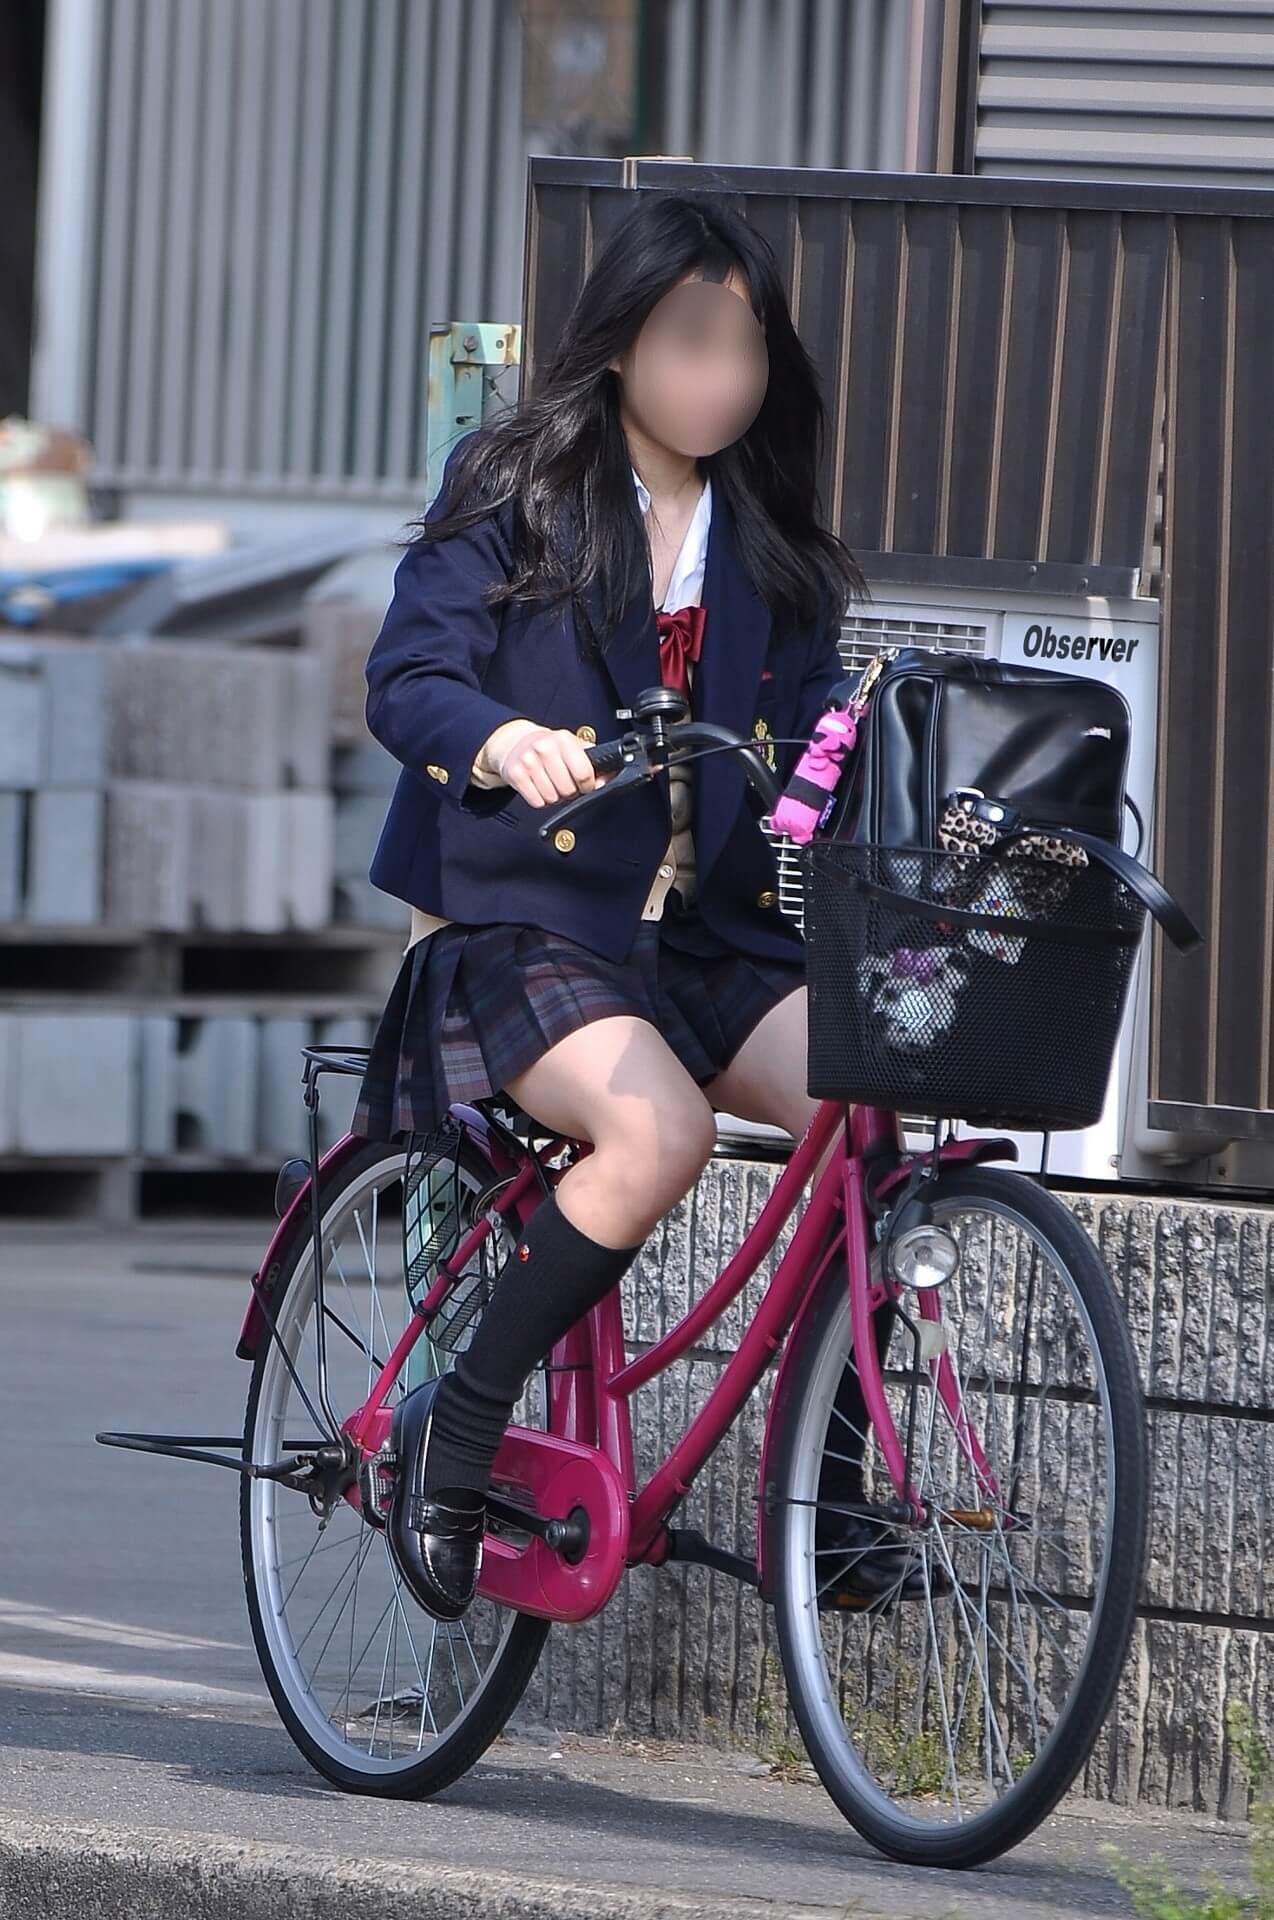 【画像】自転車通学JKのワンチャンパンチラ期待奴www